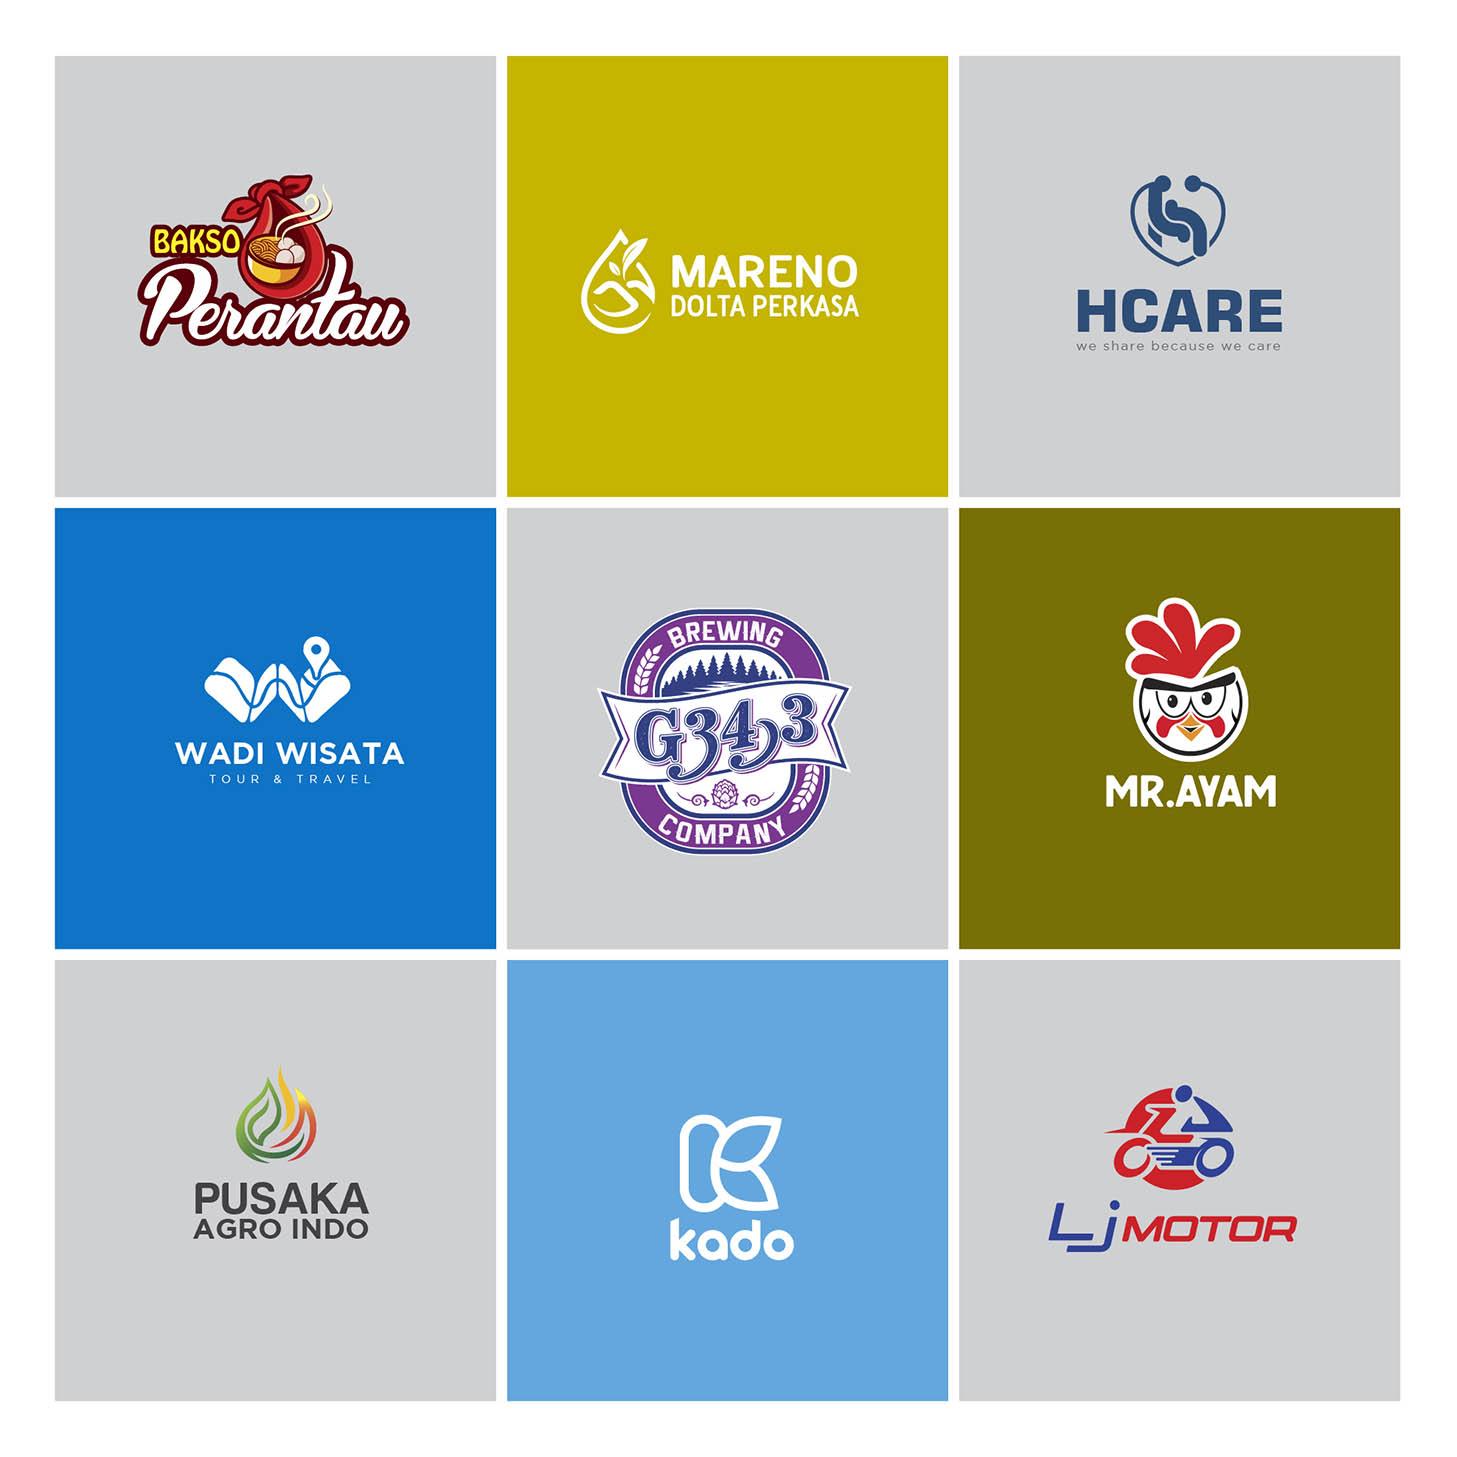 Logo1 01 235520a6aa